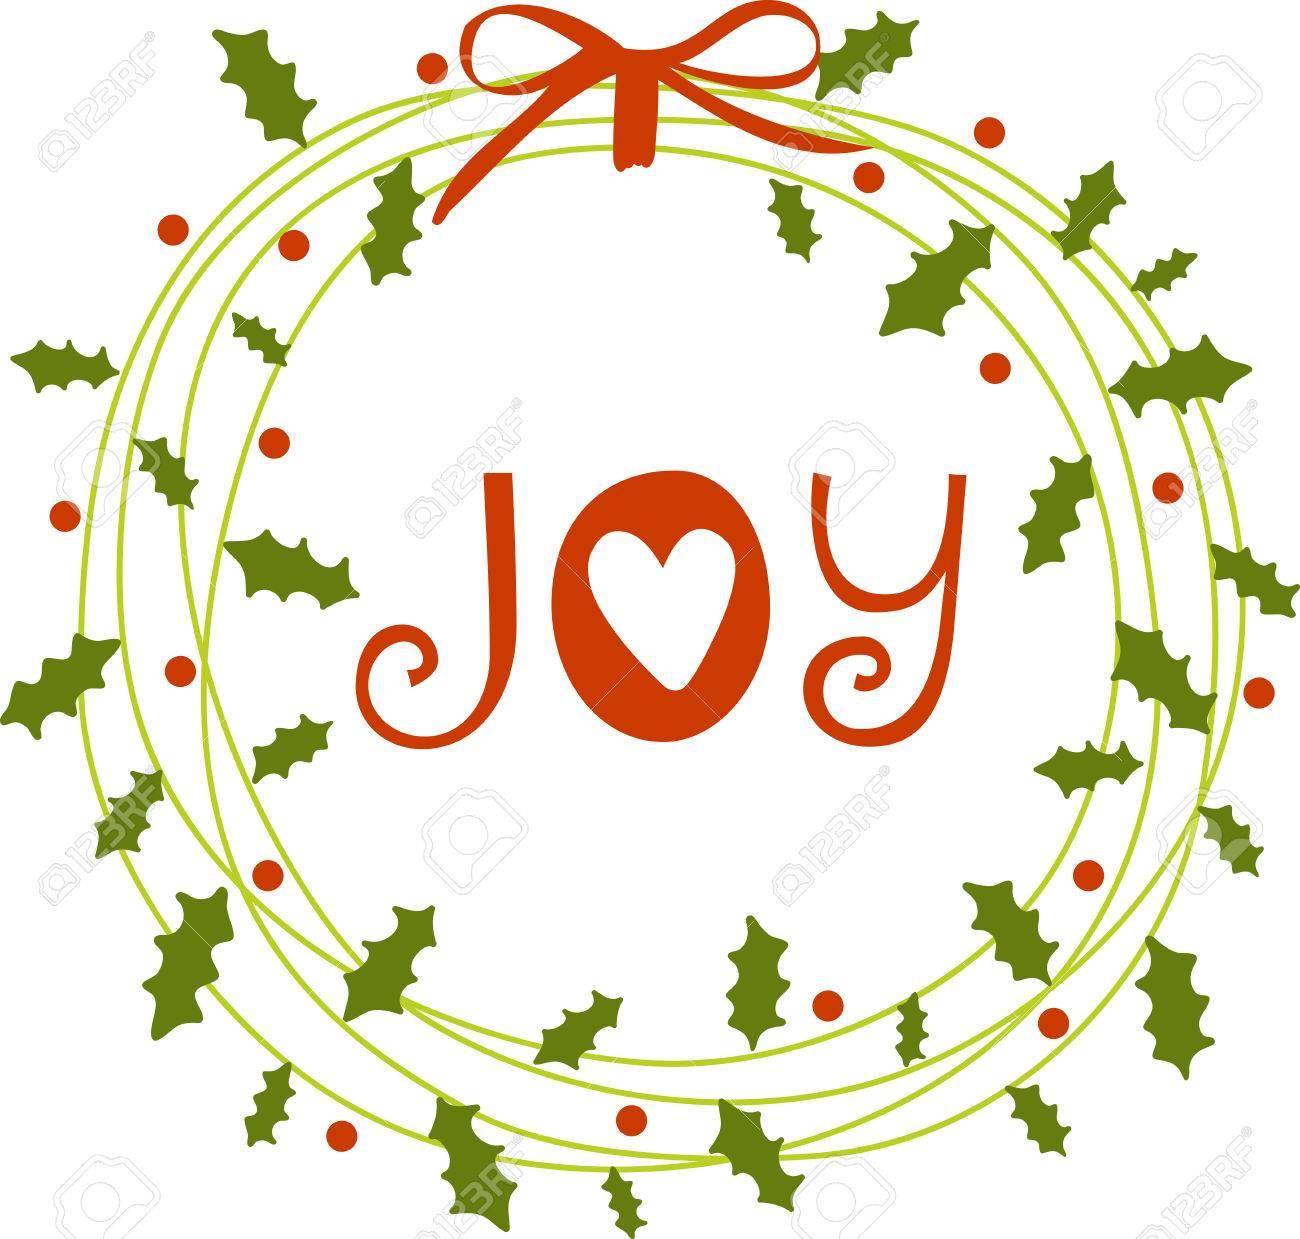 Erhalten Sie Im Weihnachtsgeist Durch Den Strang Einen Schönen Kranz ...